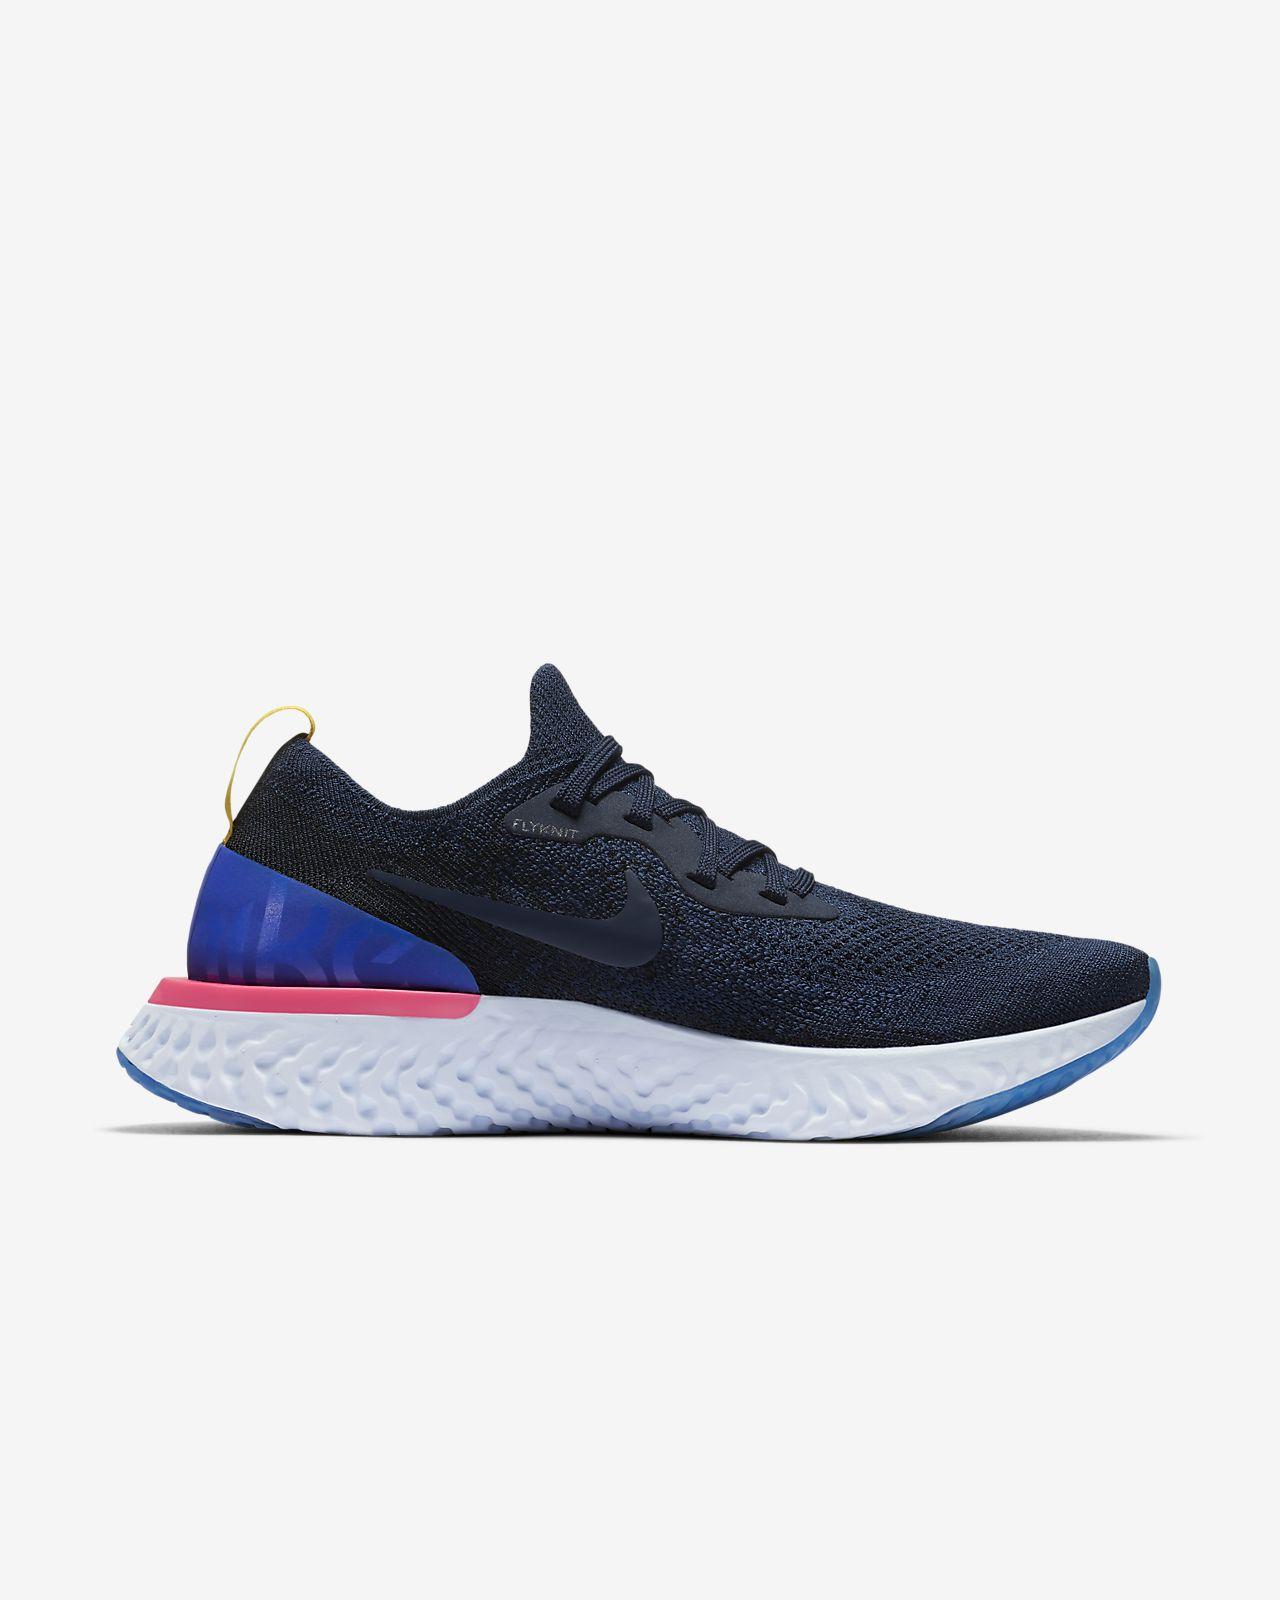 Nike Epic React Flyknit Damen Laufschuh